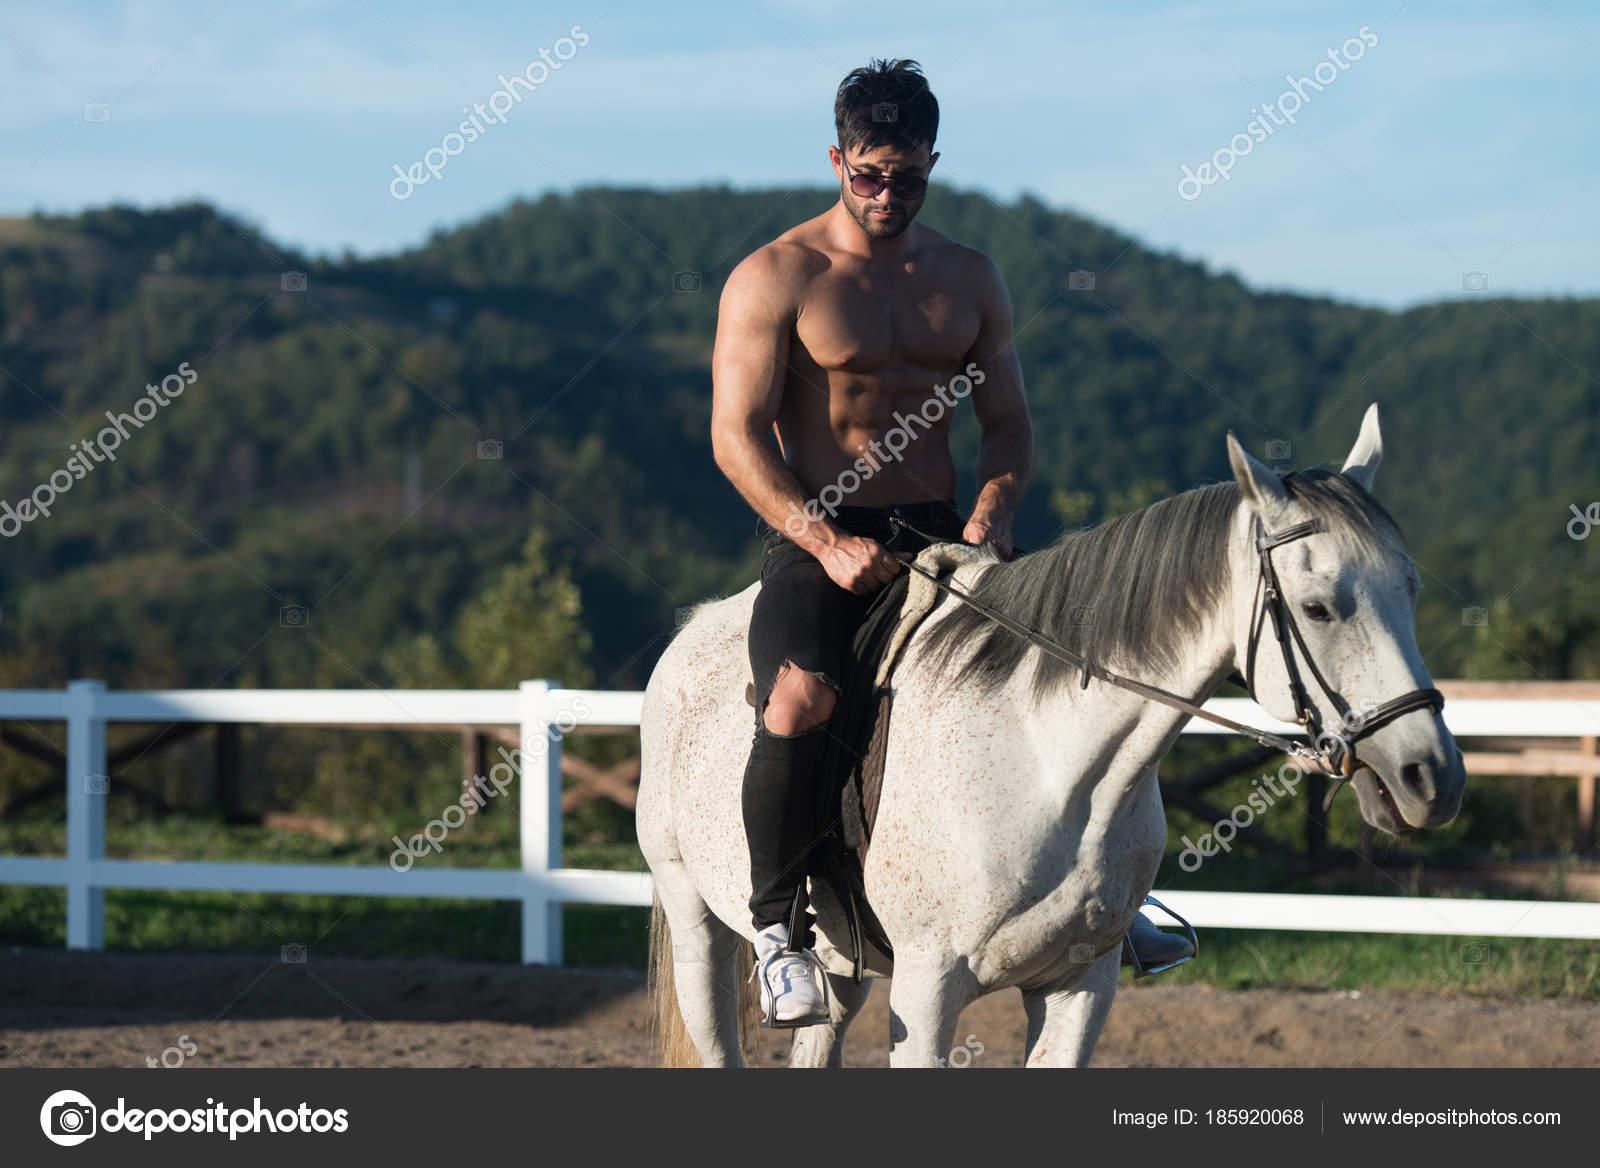 nackt reiten auf pferd